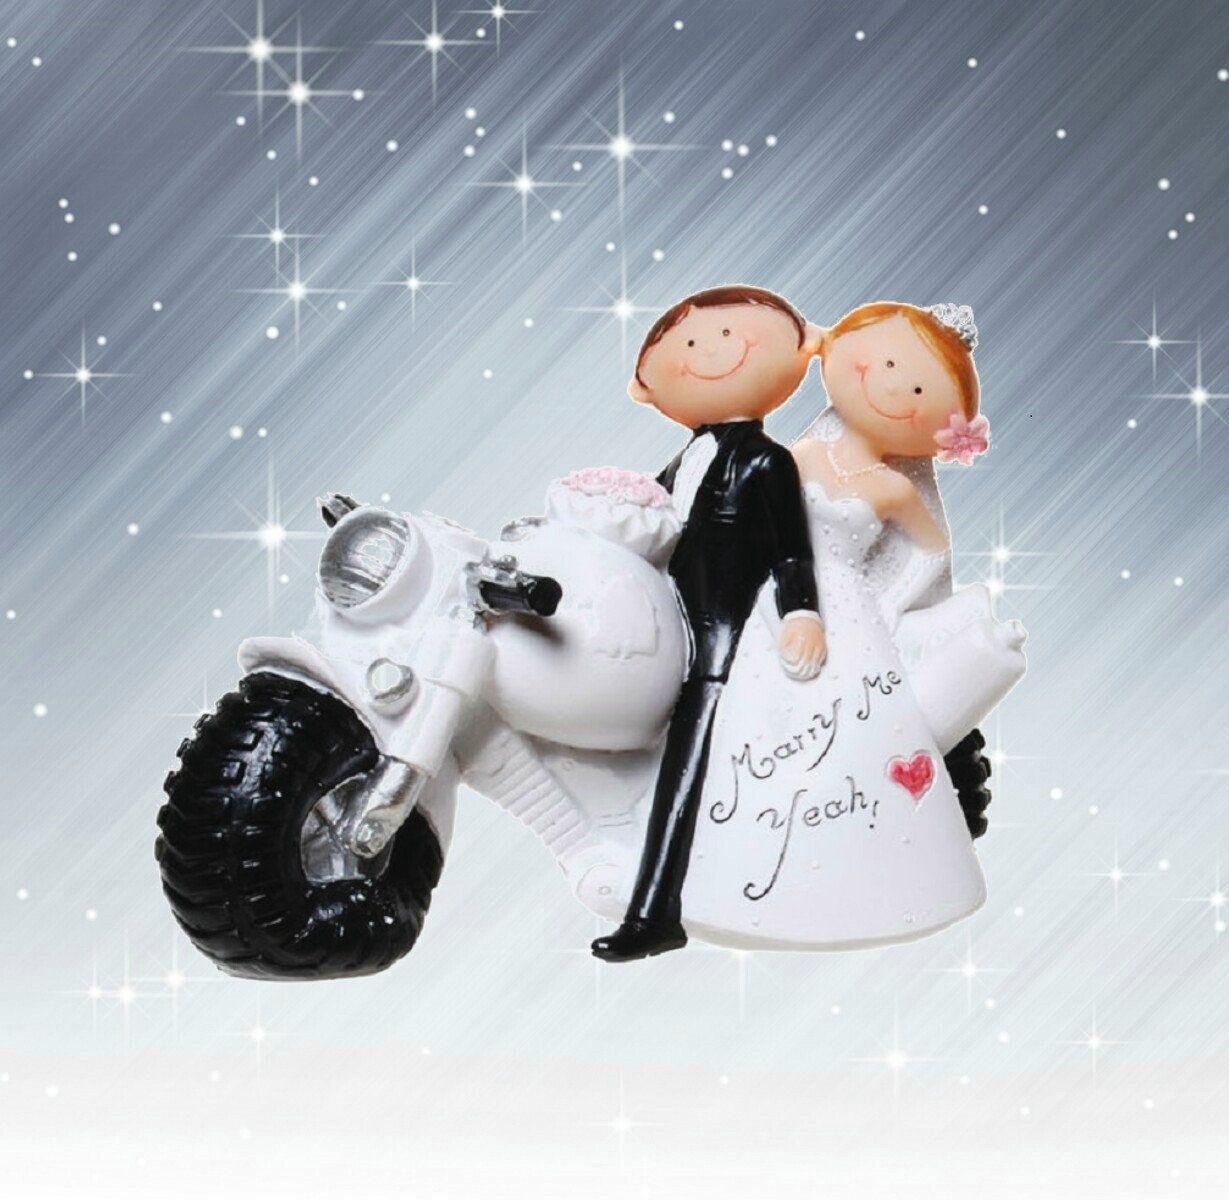 Deko Figur Zur Hochzeit Brautpaar Auf Motorrad Biker 10 X 13cm Https Etsy Me 2sq3zyb Hochzeit Dekoration W Tortenfiguren Hochzeit Torten Figuren Brautpaar